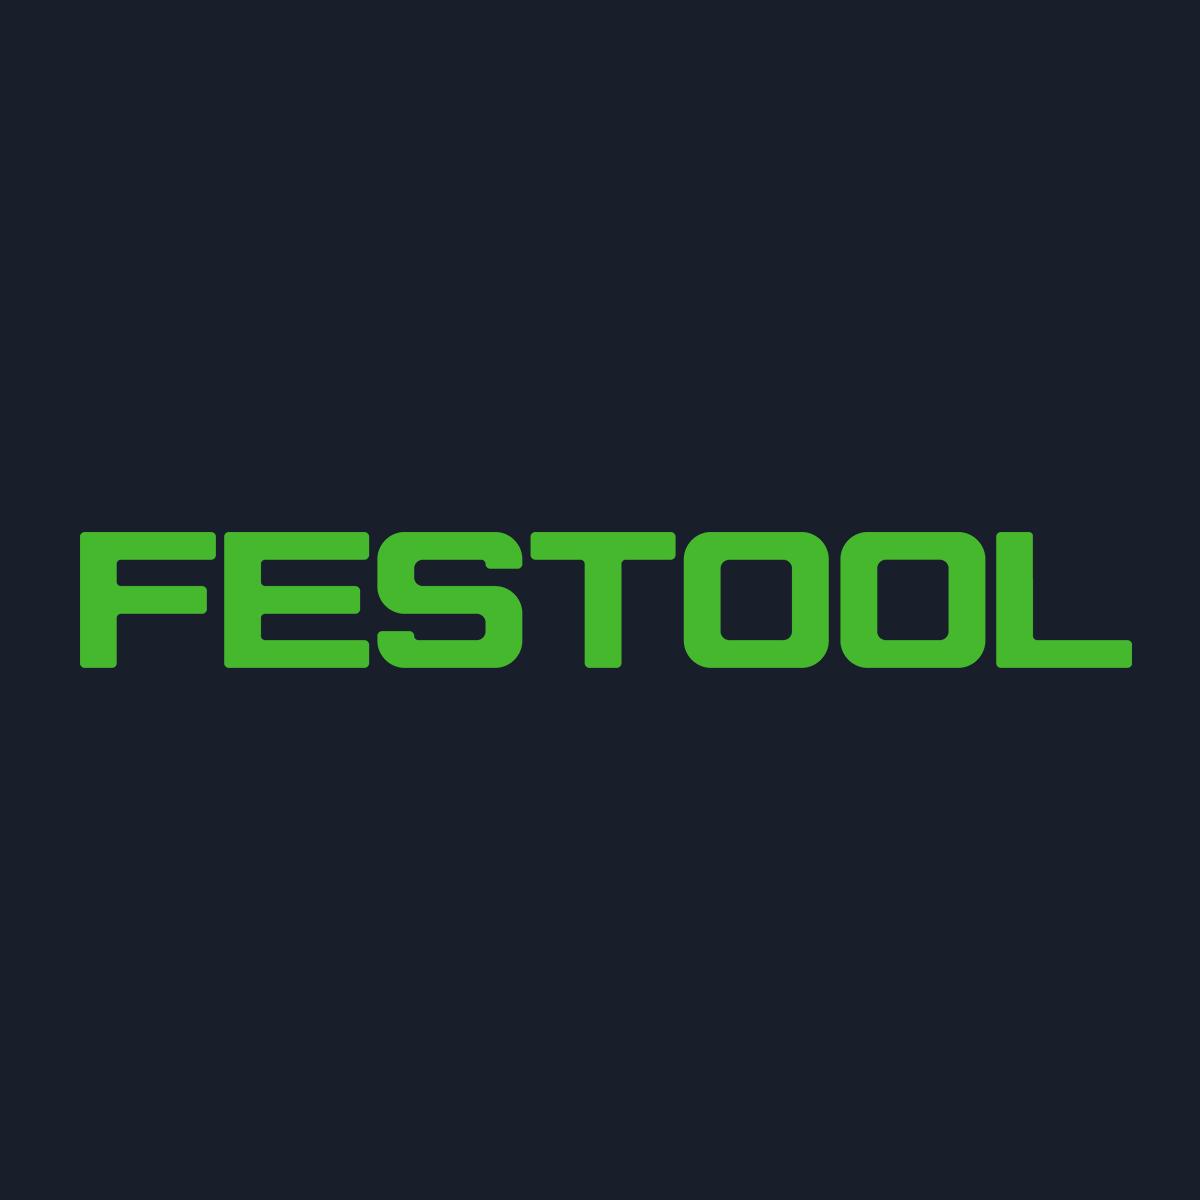 Utensili Festool: scopri i prodotti per Falegnameria, Carpenteria, Pittura, Ristrutturazione, Automotive